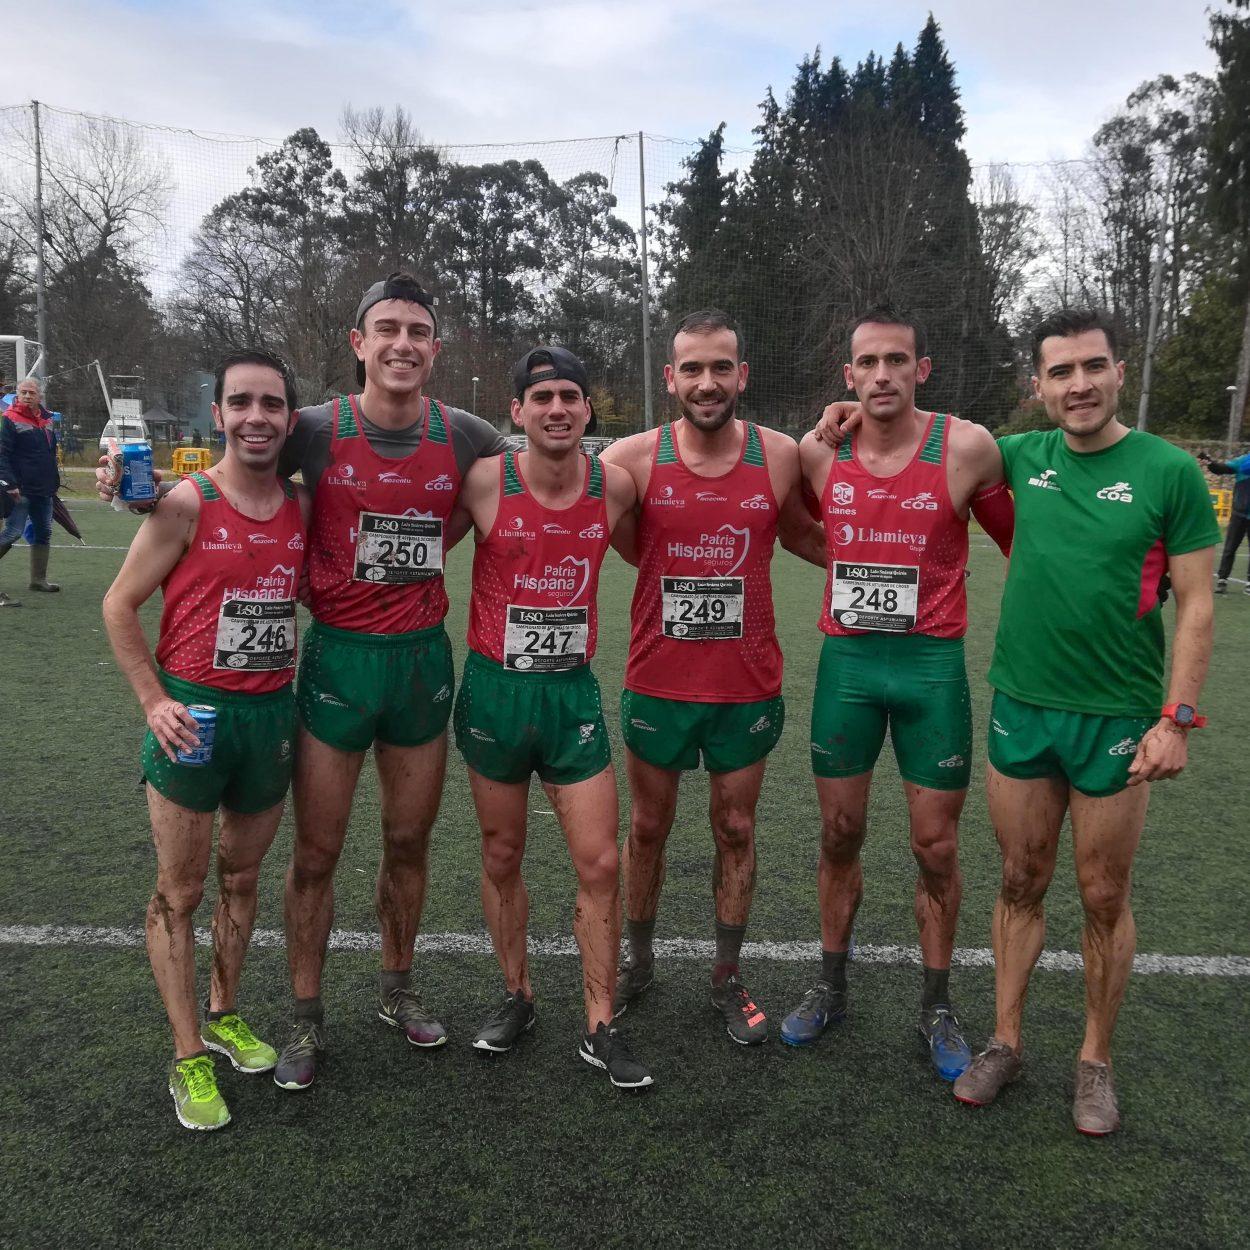 Segundo puesto para el Club Oriente Atletismo en el Campeonato de Asturias de Cross Corto por equipos